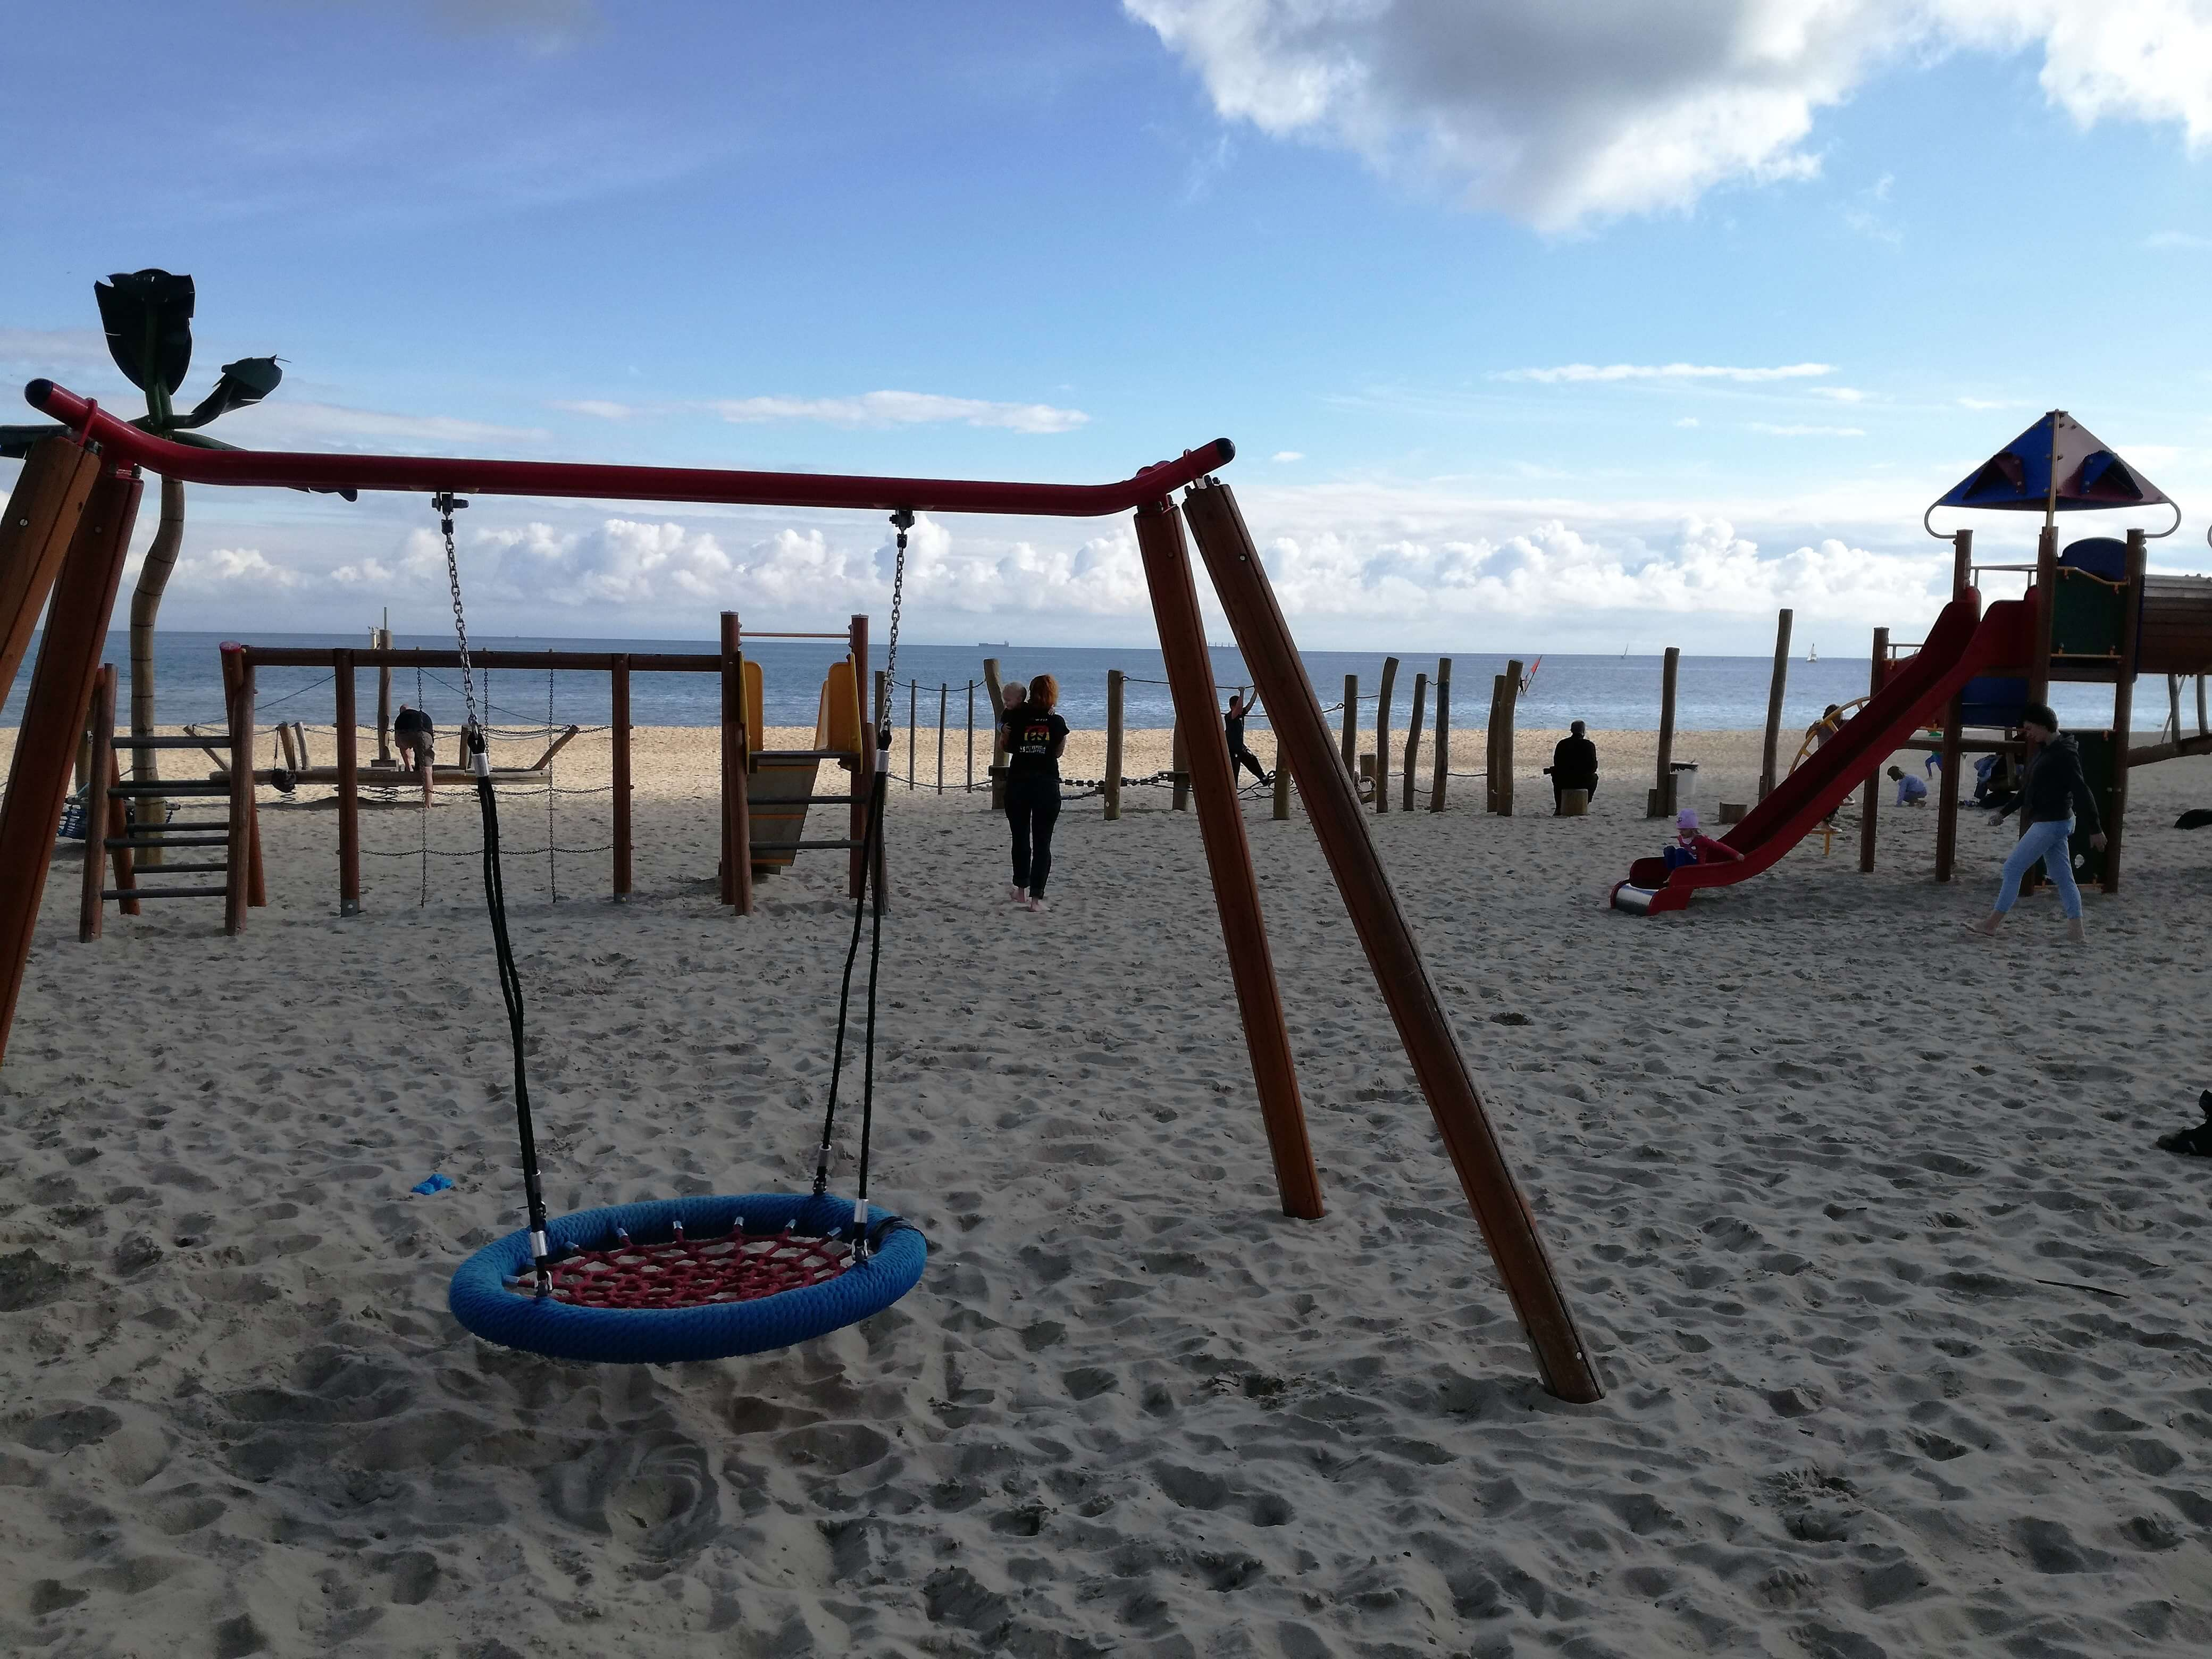 Plac zabaw na plaży Sopot 4_atrakcje dla dzieci Sopot - rodzinnykompas.pl